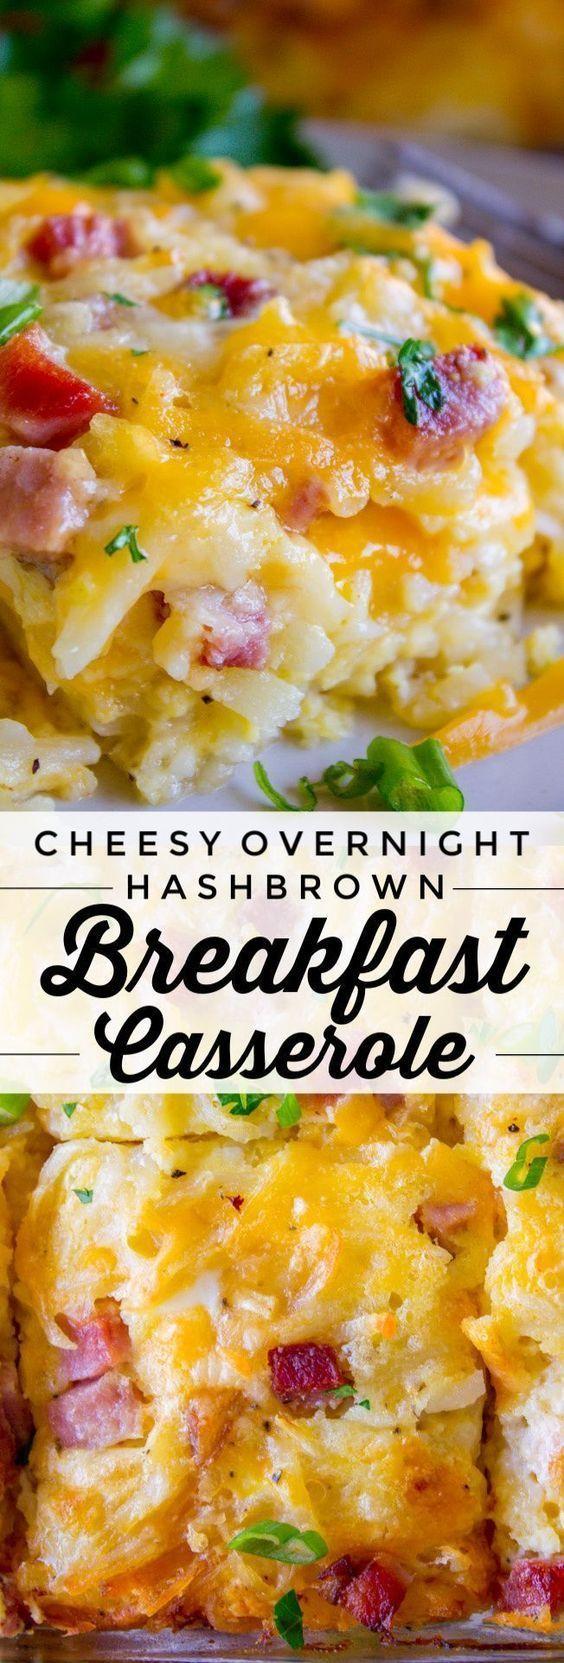 Cheesy Overnight Hashbrown Breakfast Casserole